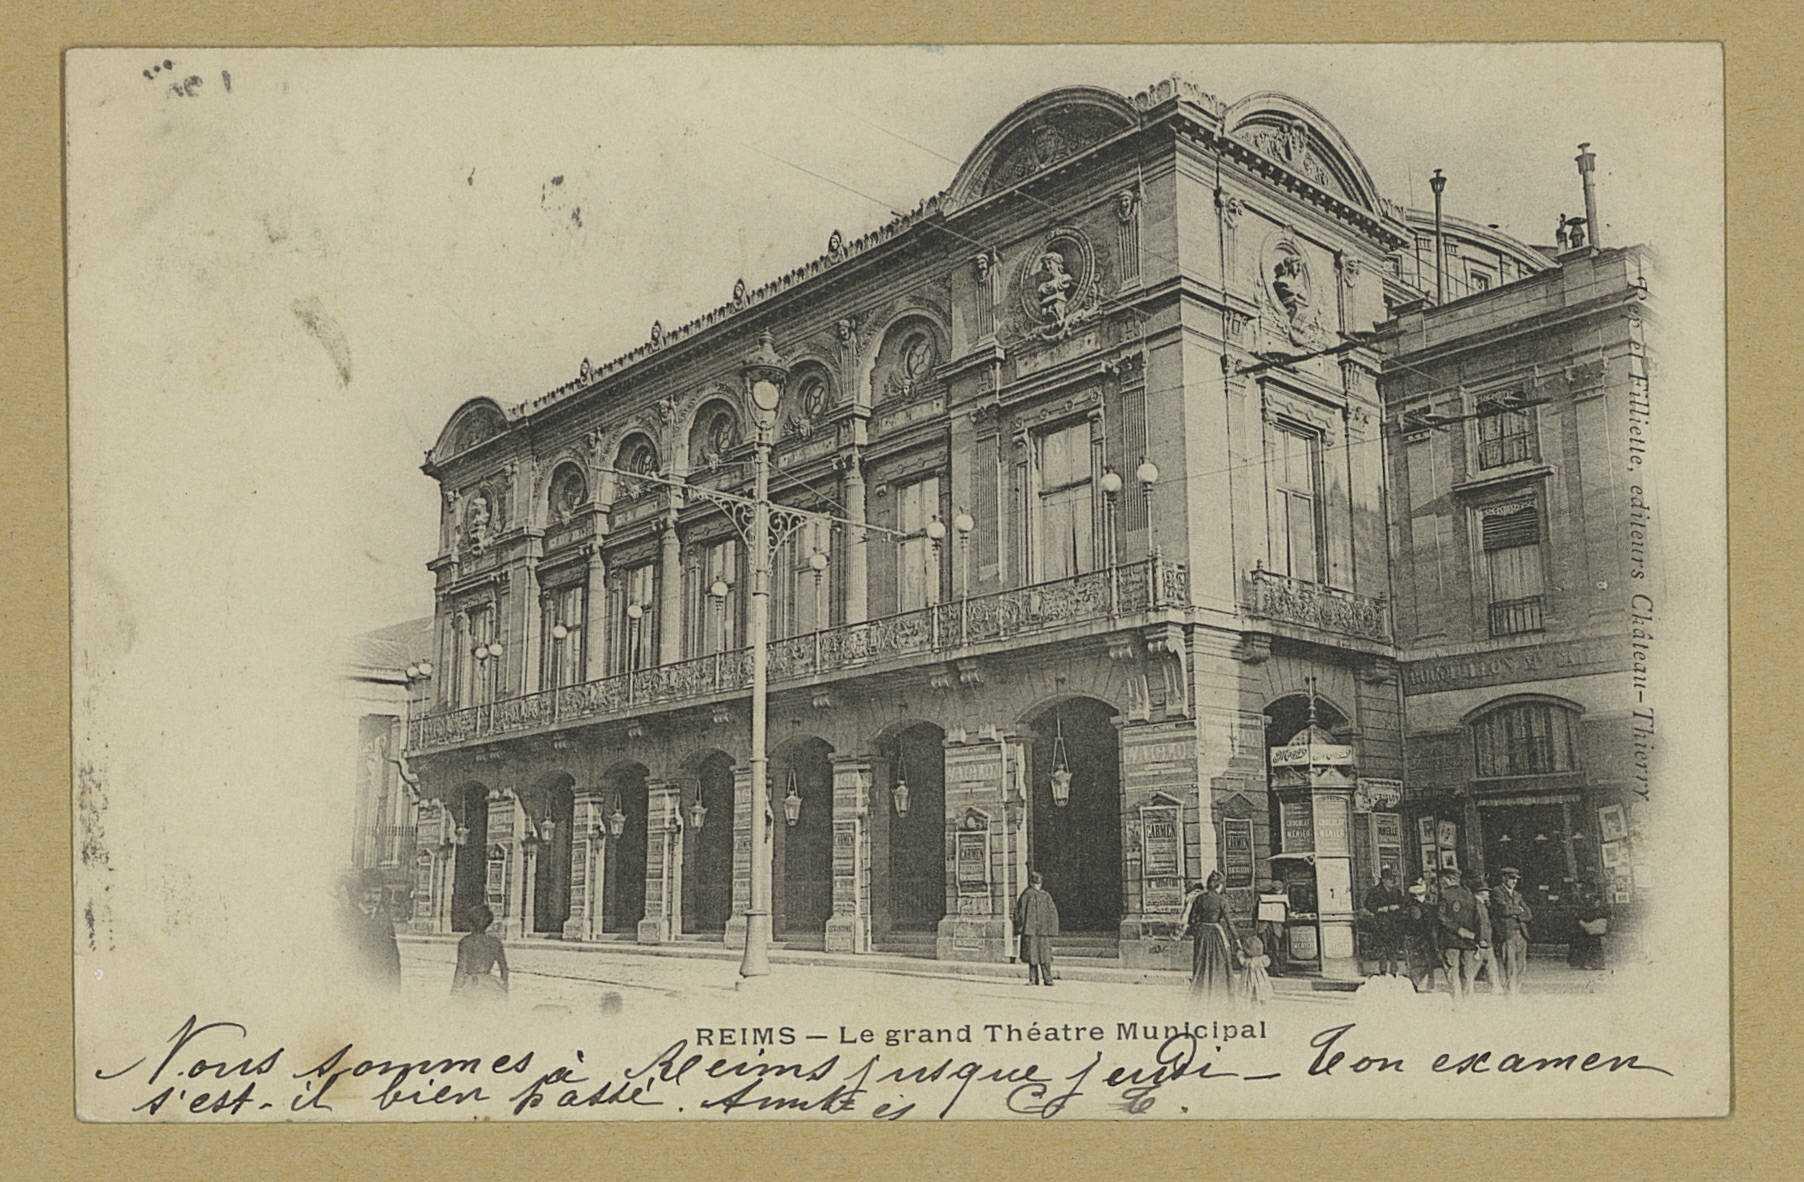 REIMS. Le grand Théâtre Municipal. Château-Thierry A. Rep. et Filliette. [1903]